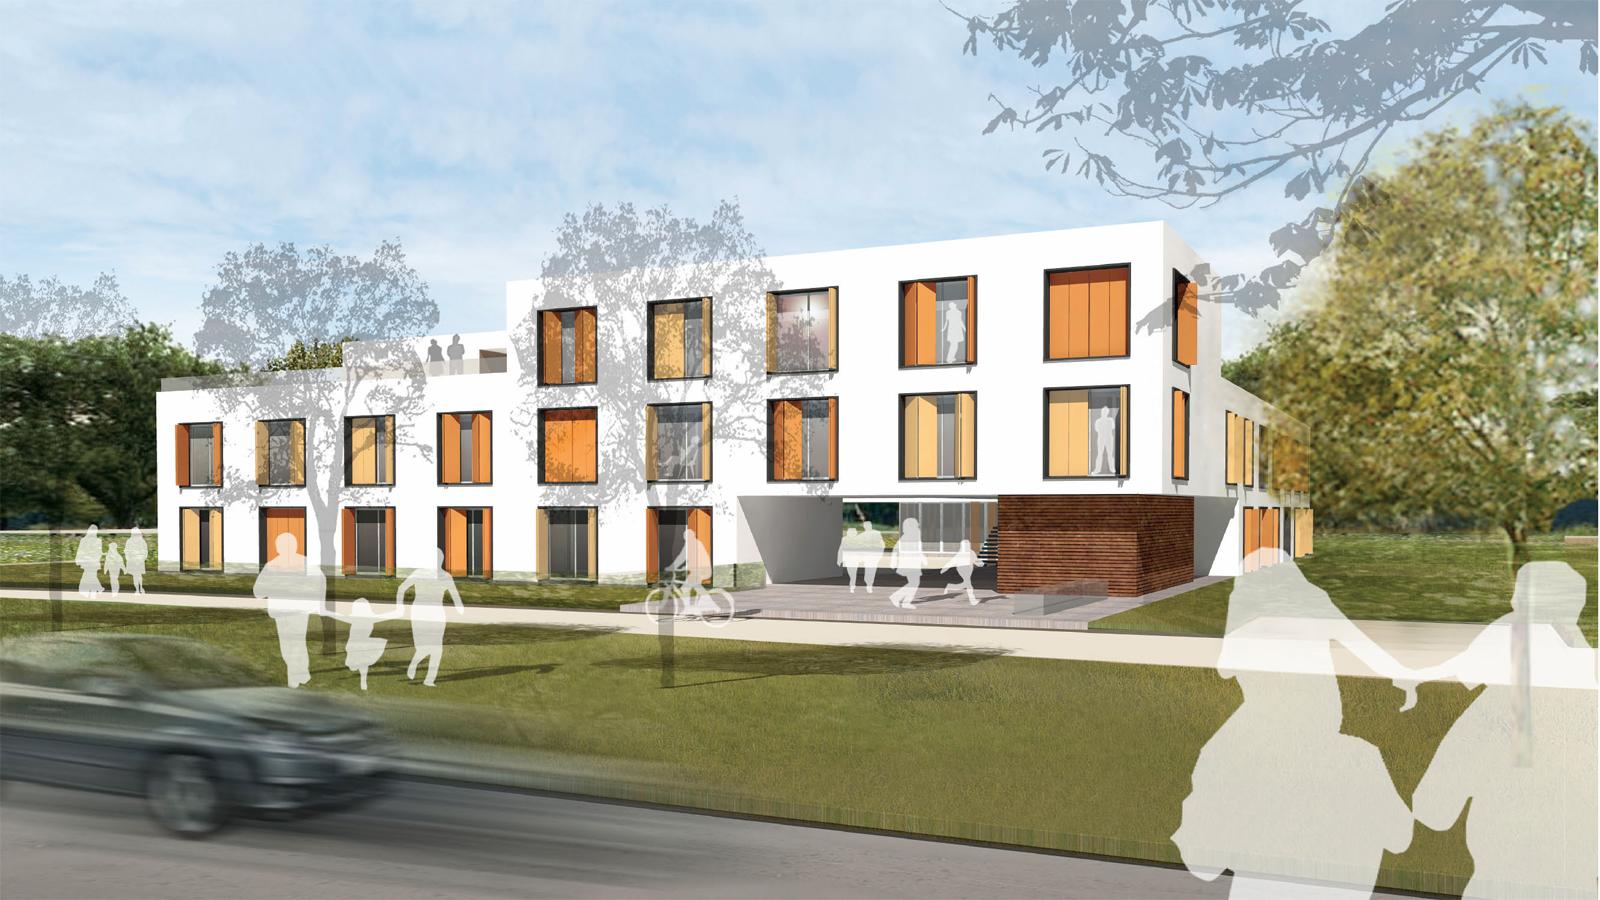 Wohnungsnotfallheim Forchheim, Realisierungswettbewerb